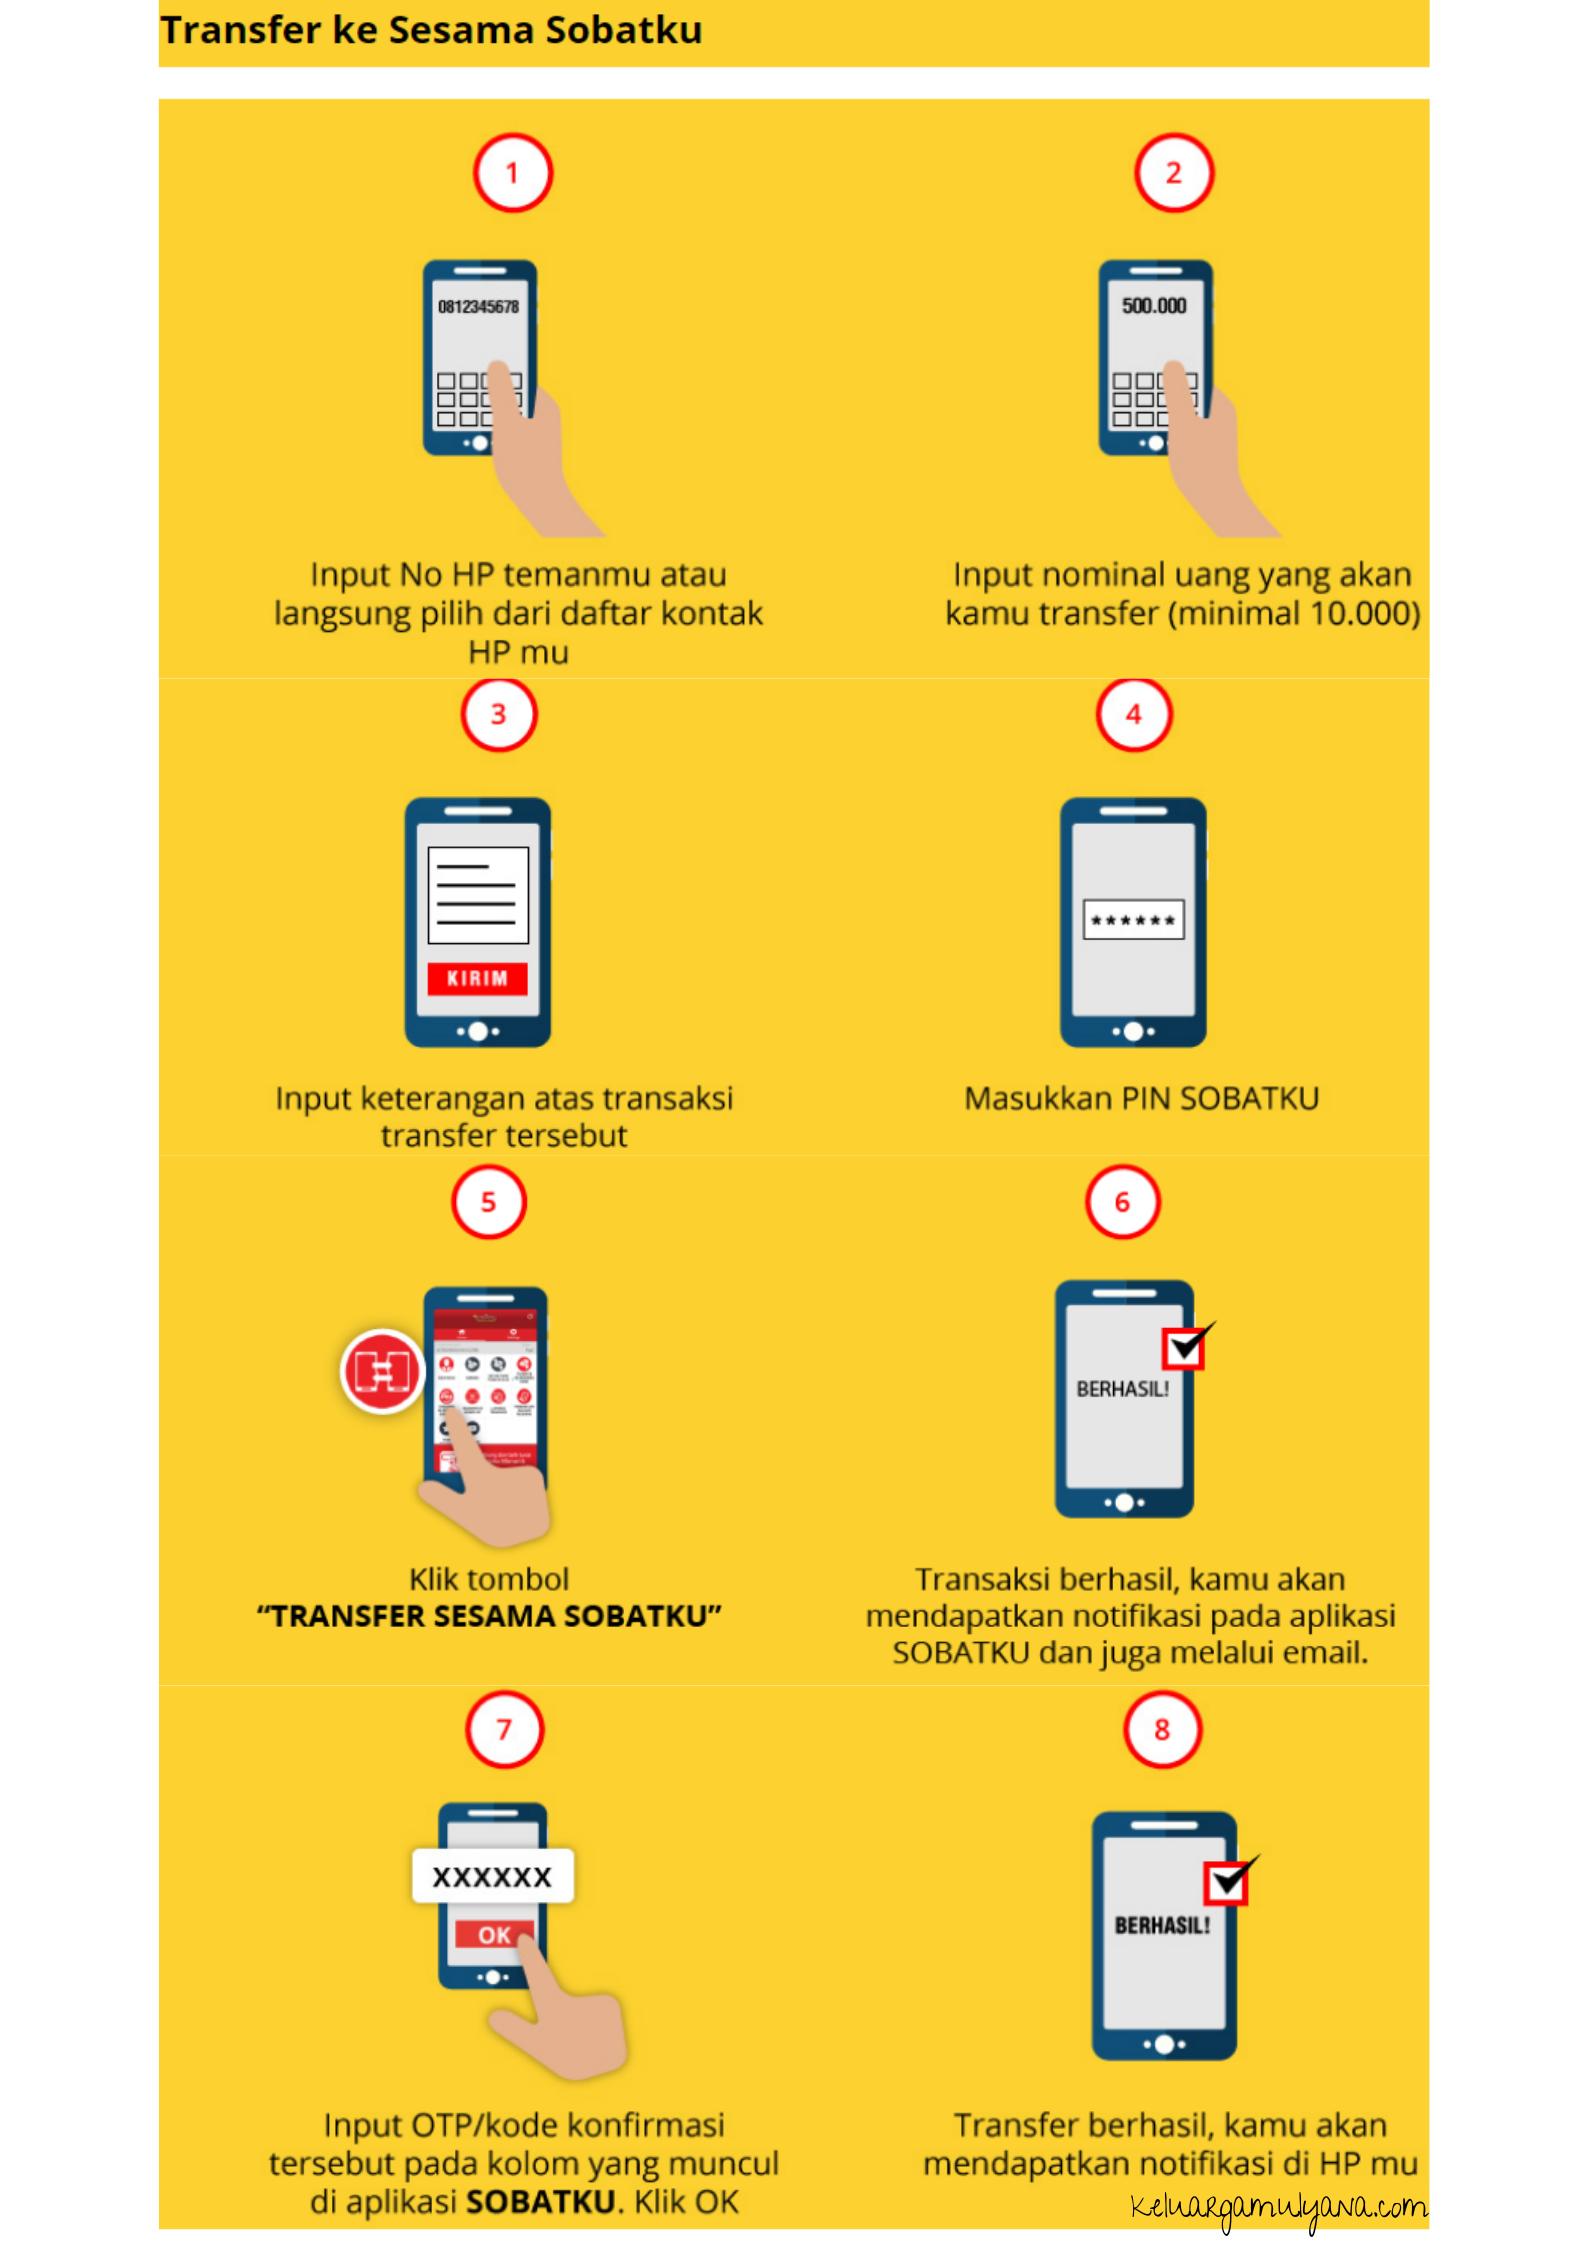 aplikasi tabungan online undian berhadiah